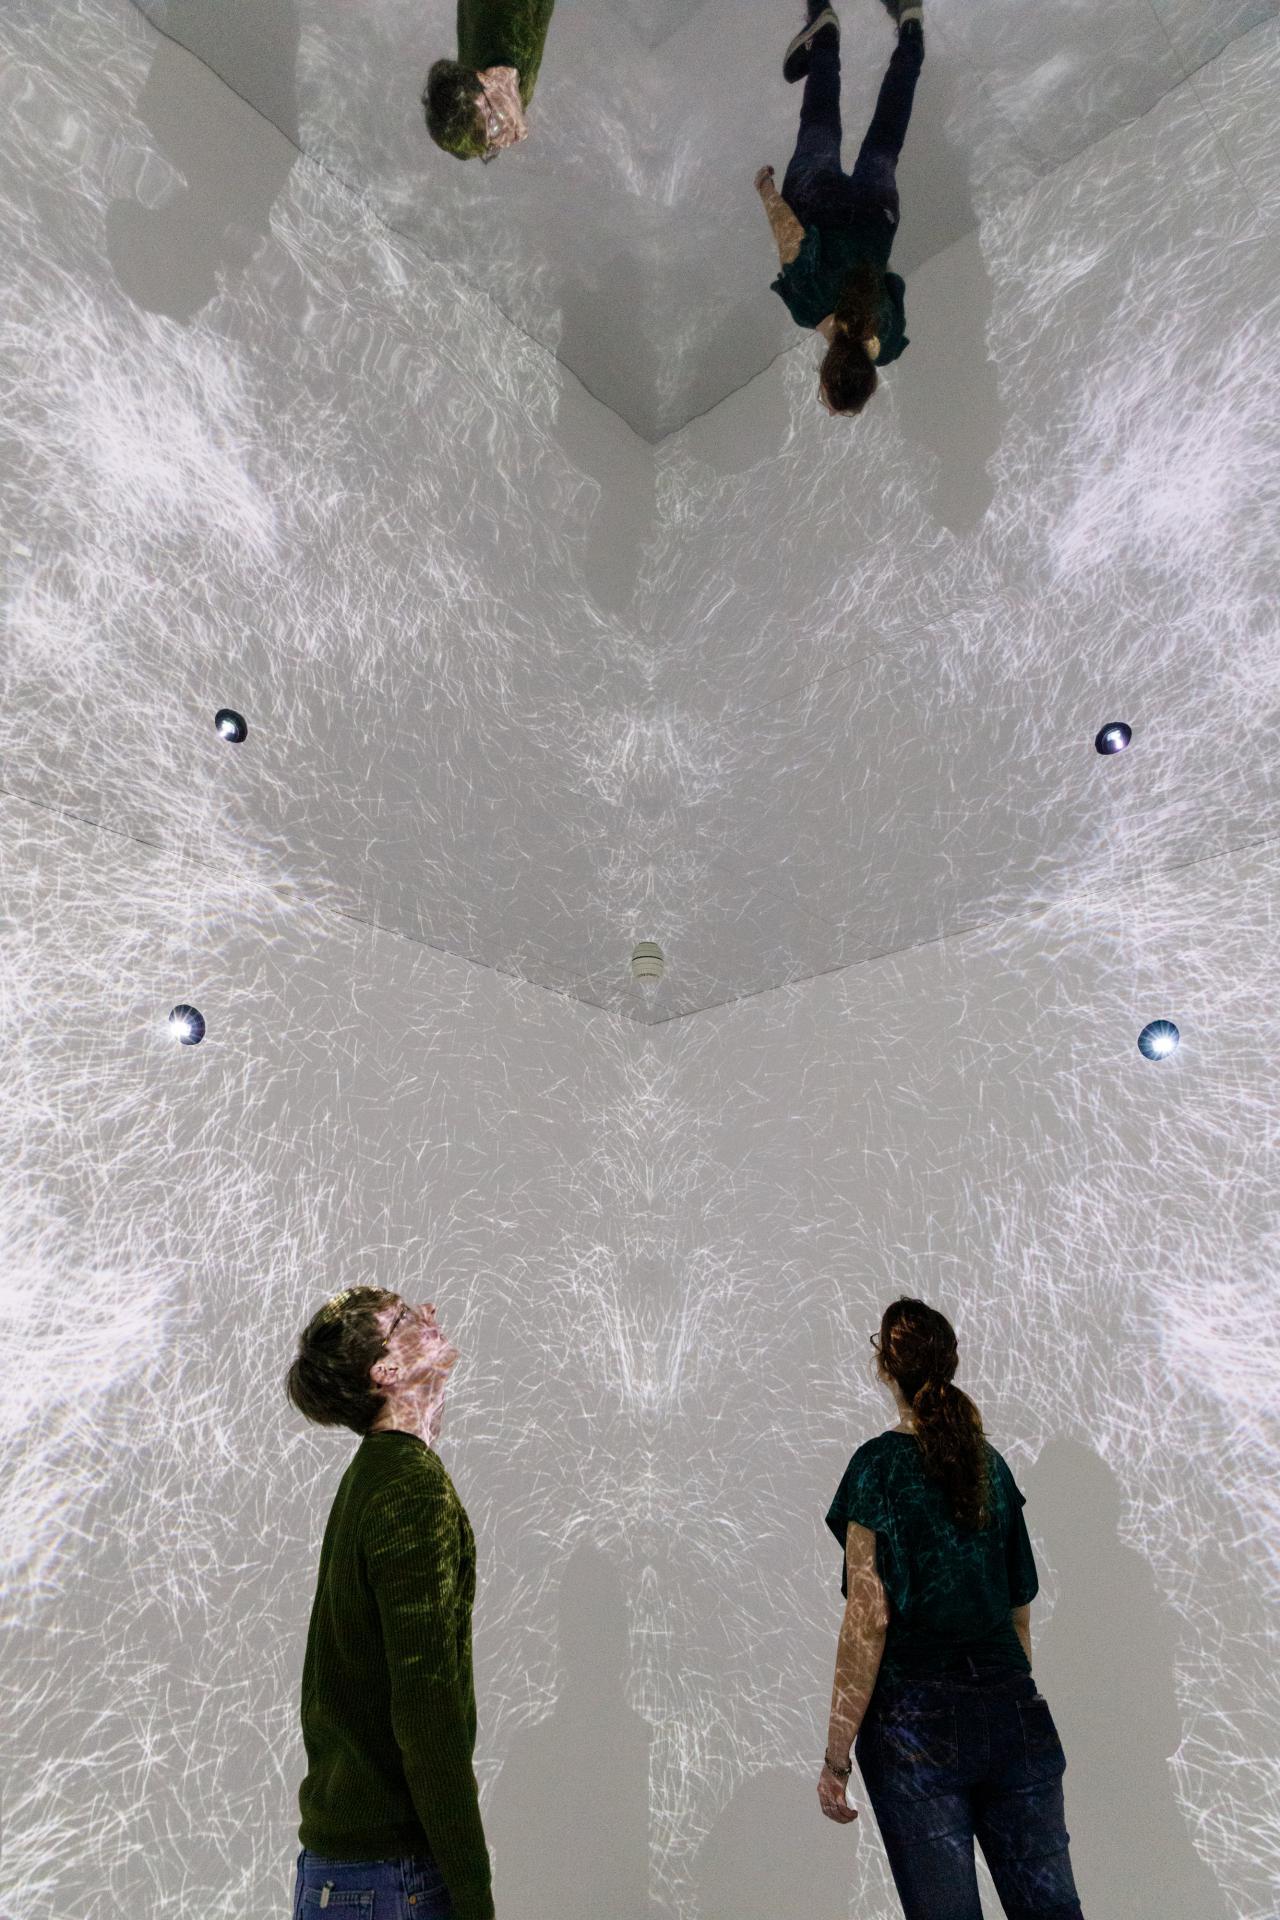 Besucher in einem Raum mit Videoprojektionen an Wänden und Decke und einem verspiegeltem Boden.